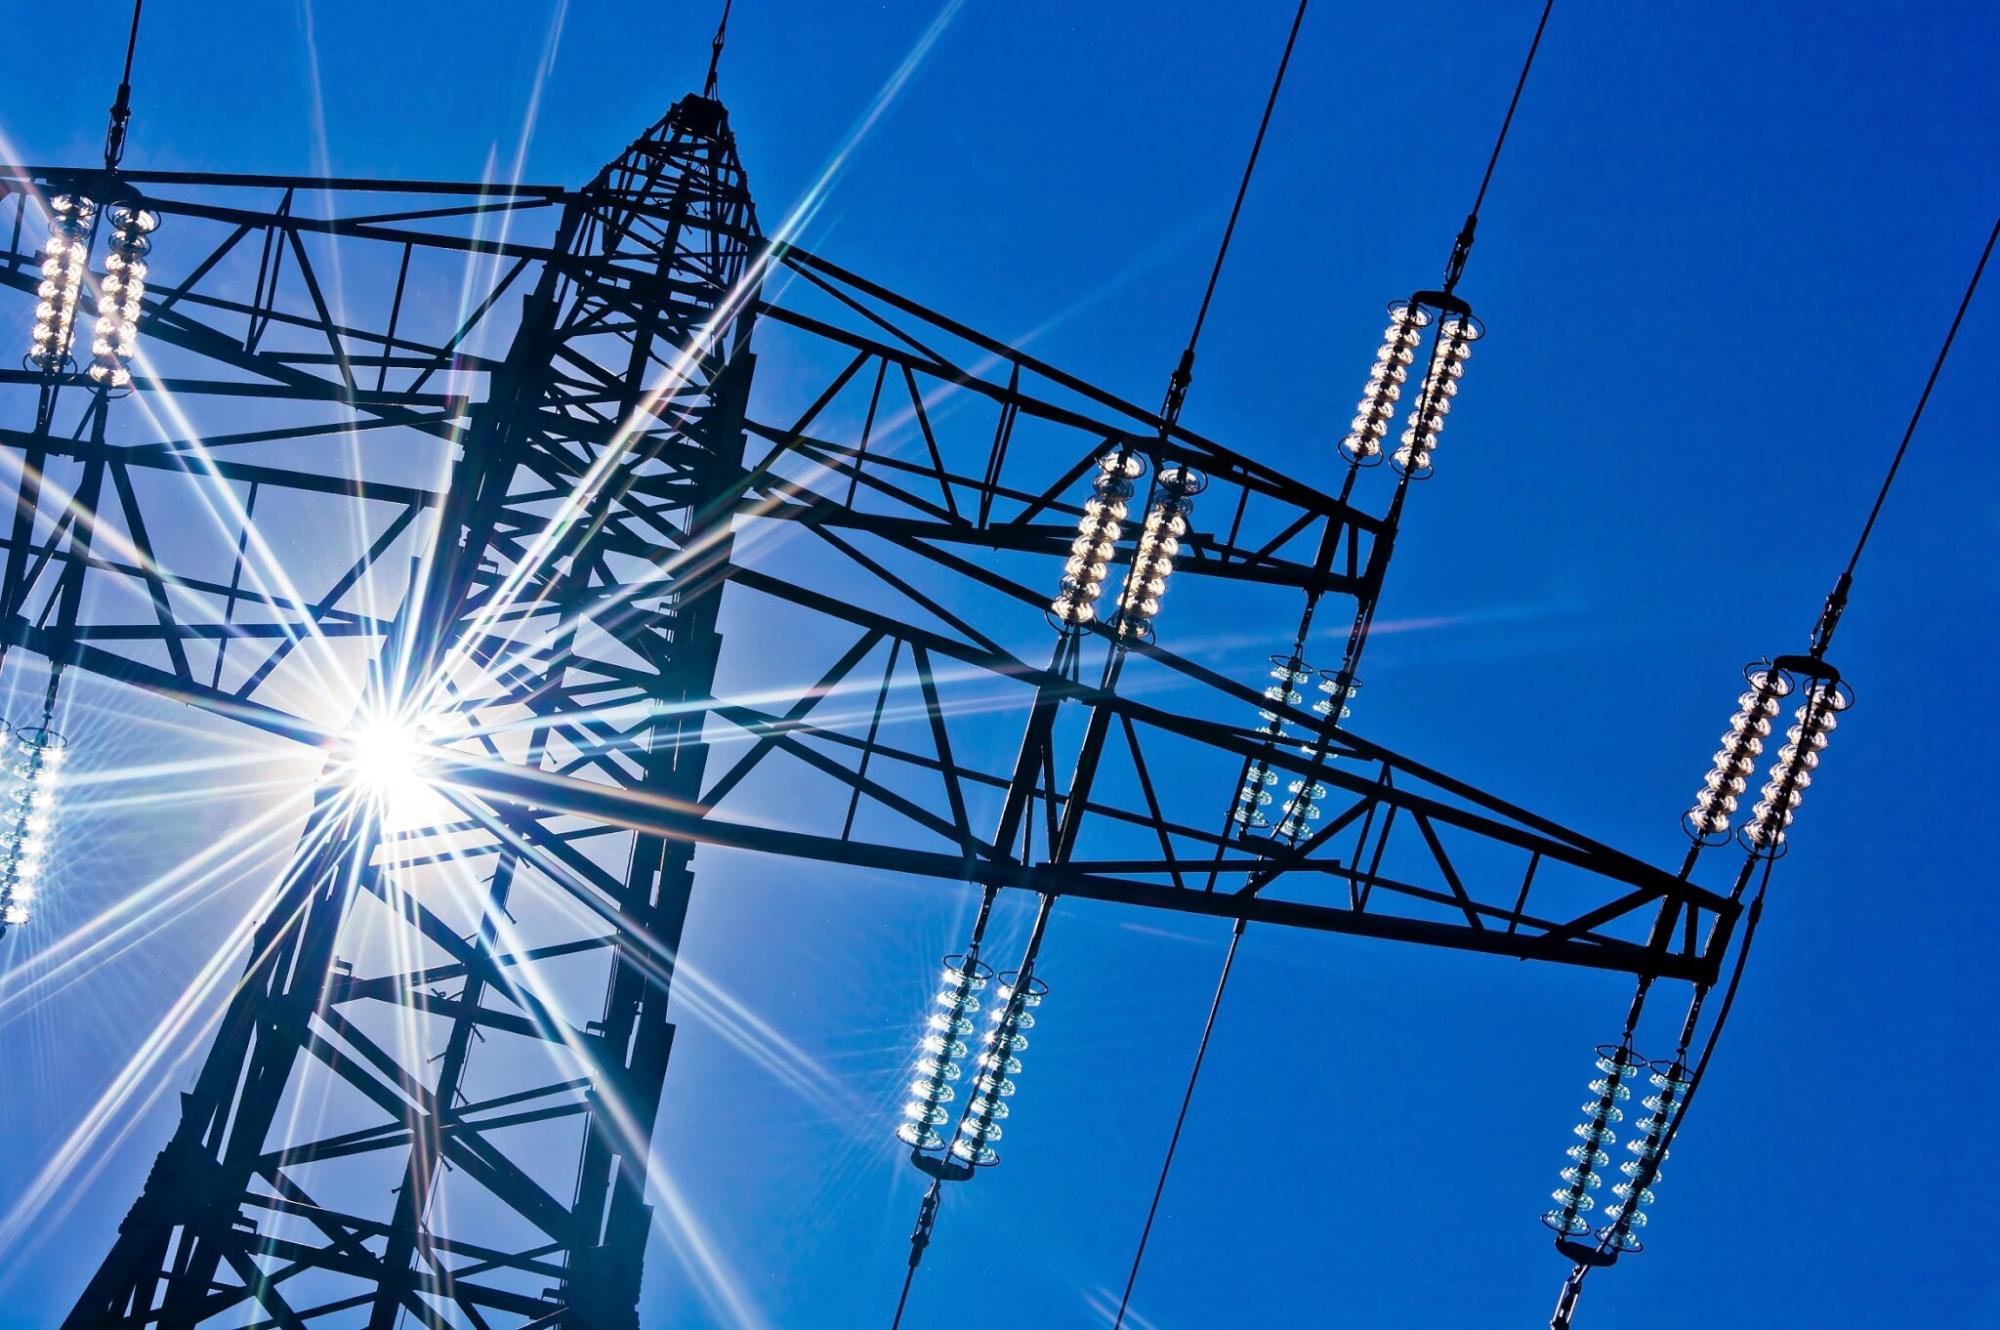 По состоянию на 12:00, Аварийные отключения электроэнергии в 4-х районах Республике Дагестан